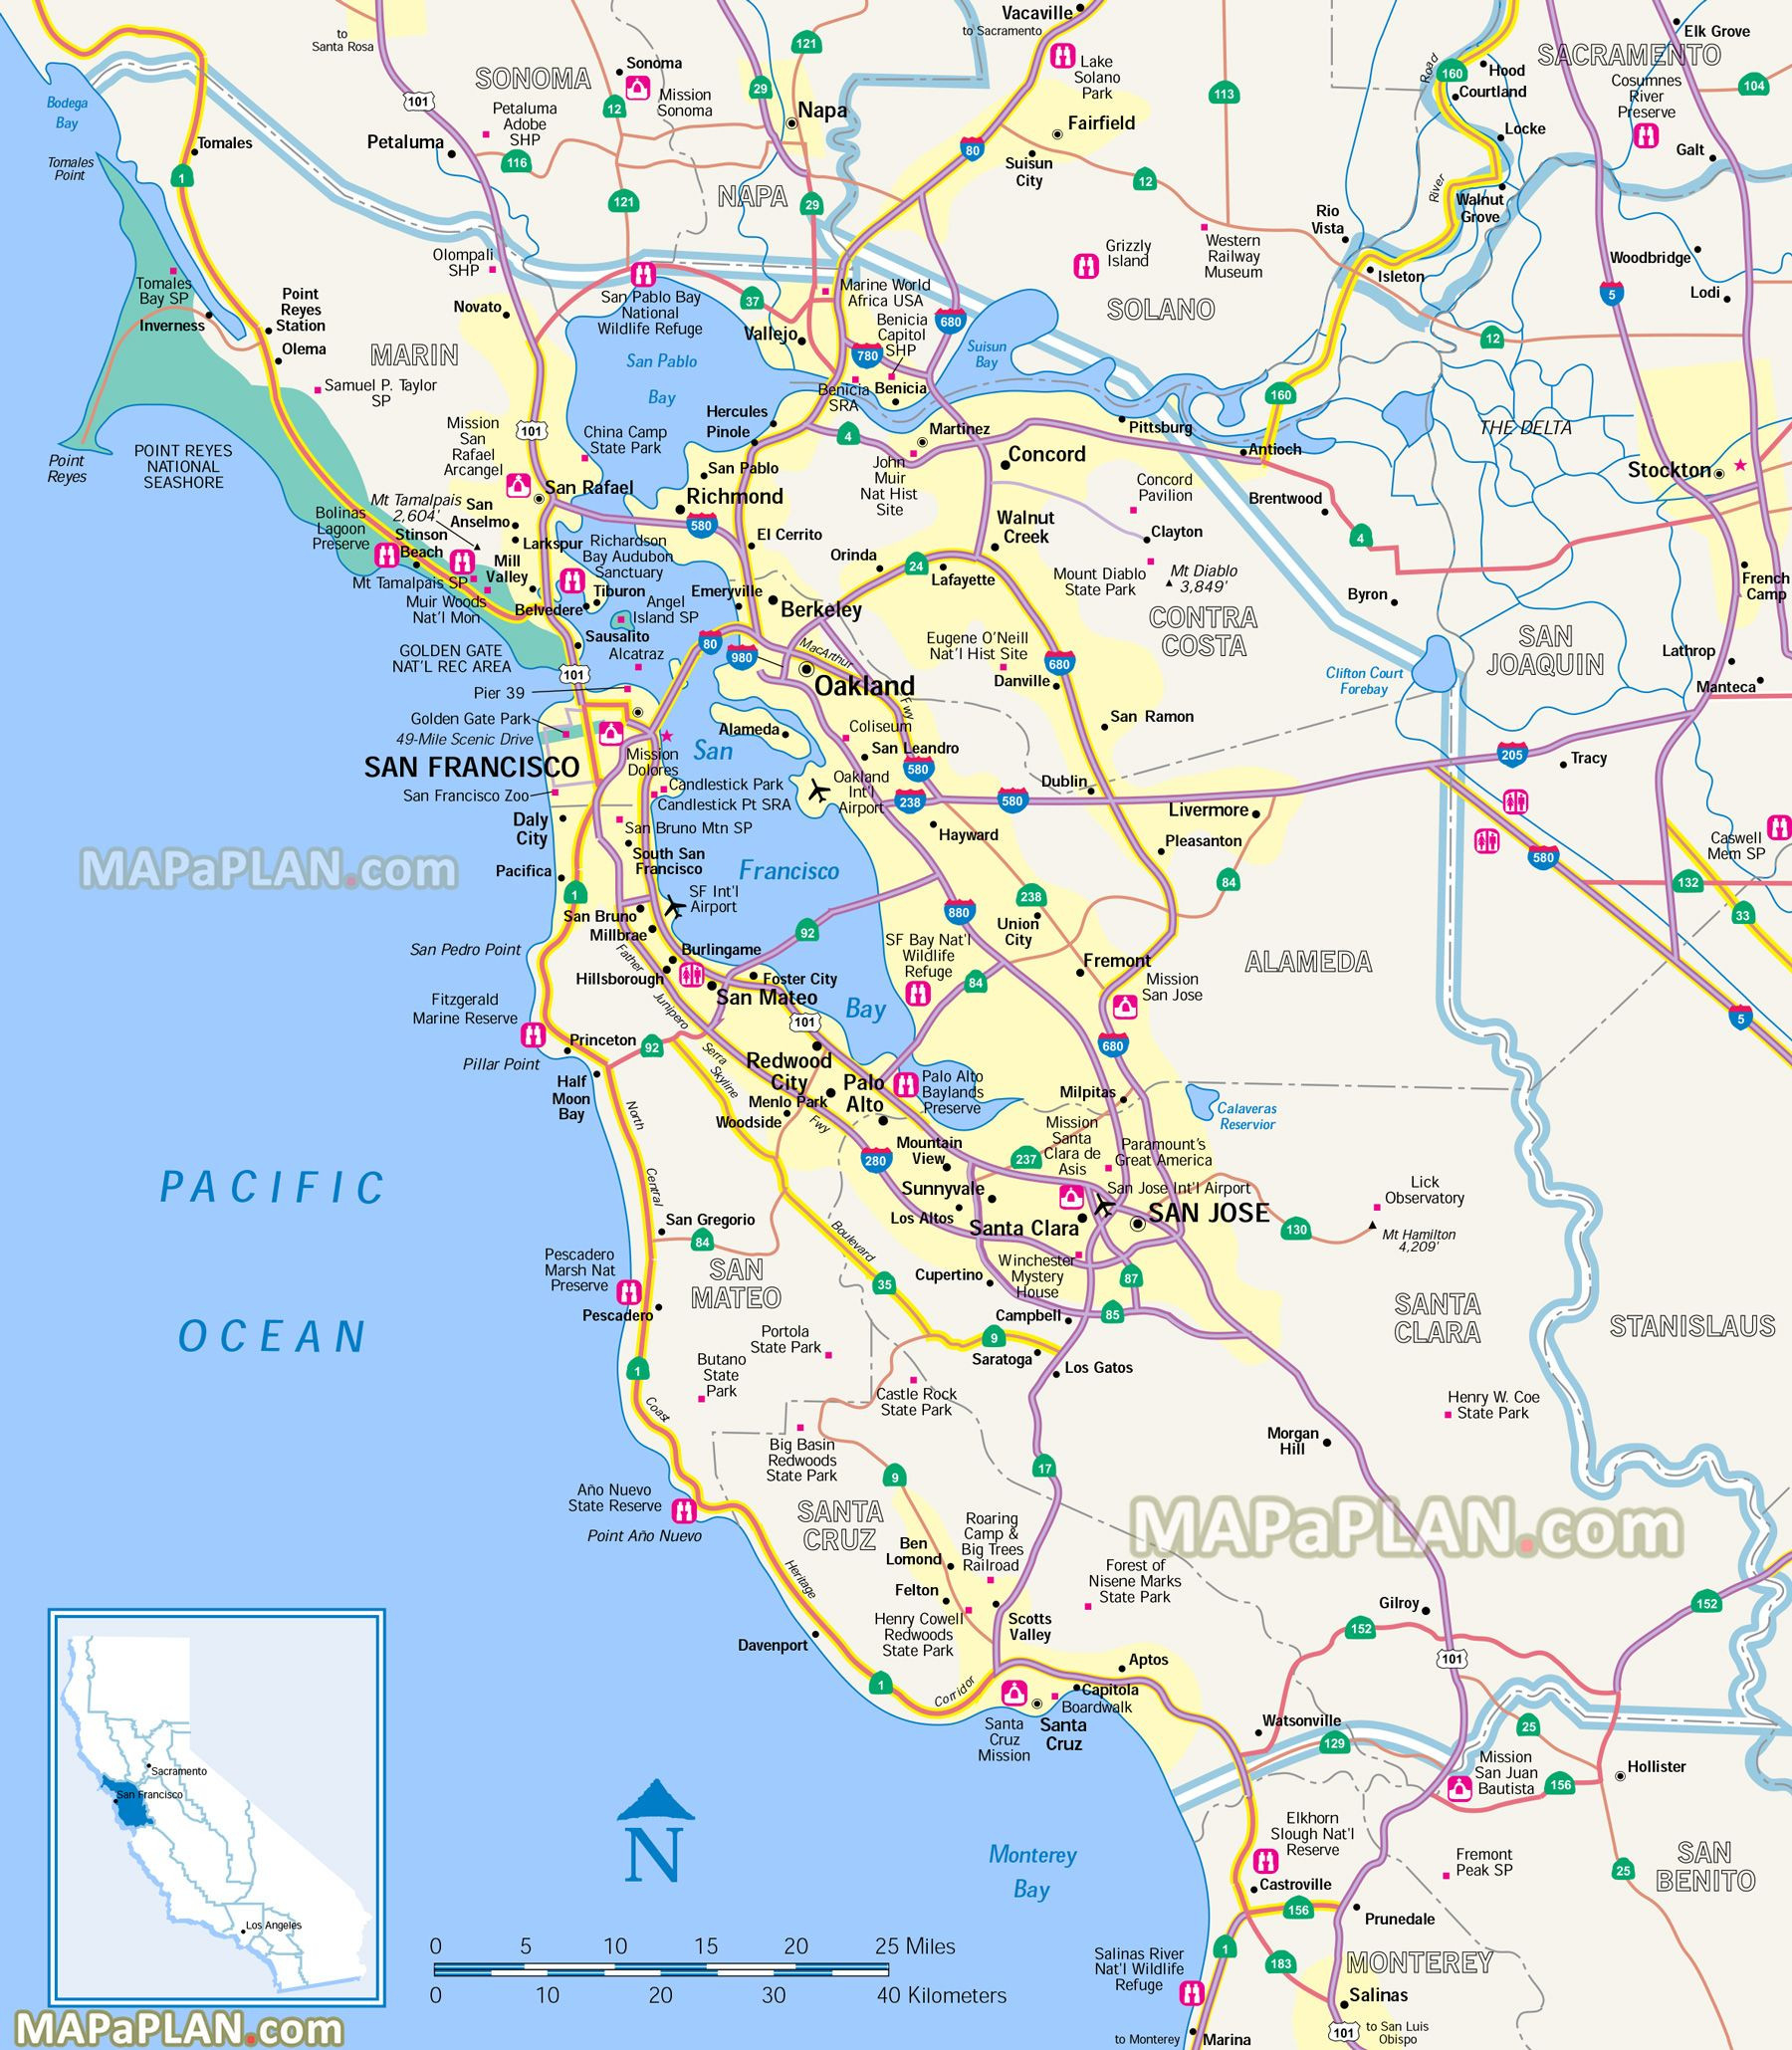 Map Of San Francisco Bay Area California Outline San Francisco Top - San Francisco Bay Area Map California